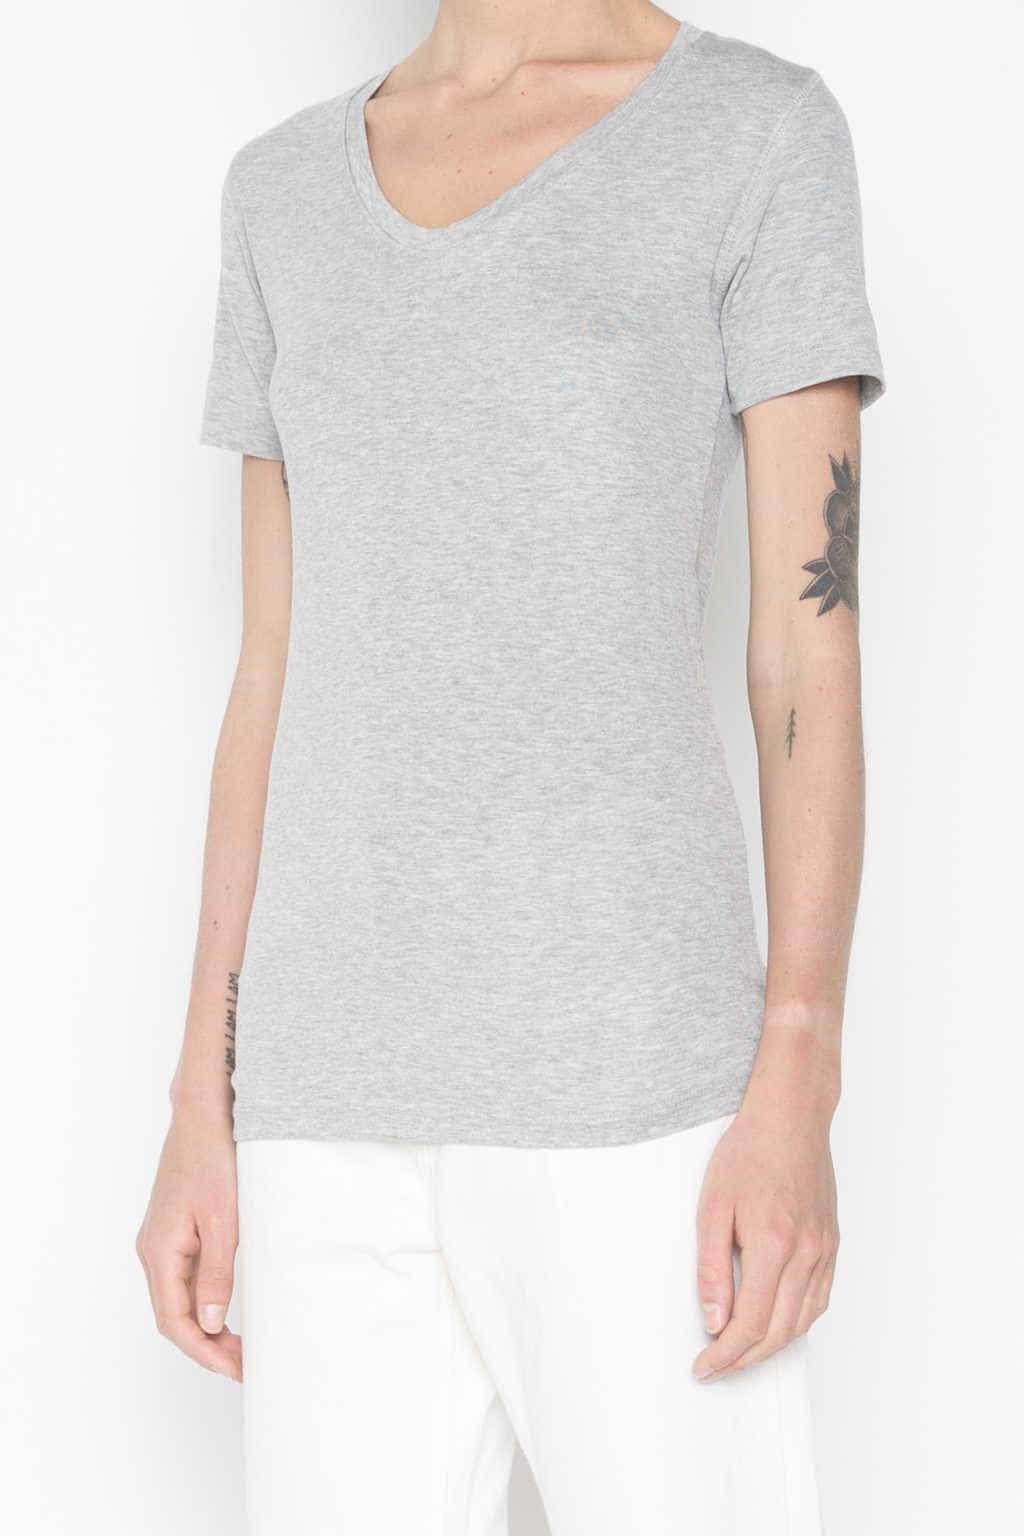 TShirt H071 Gray 2